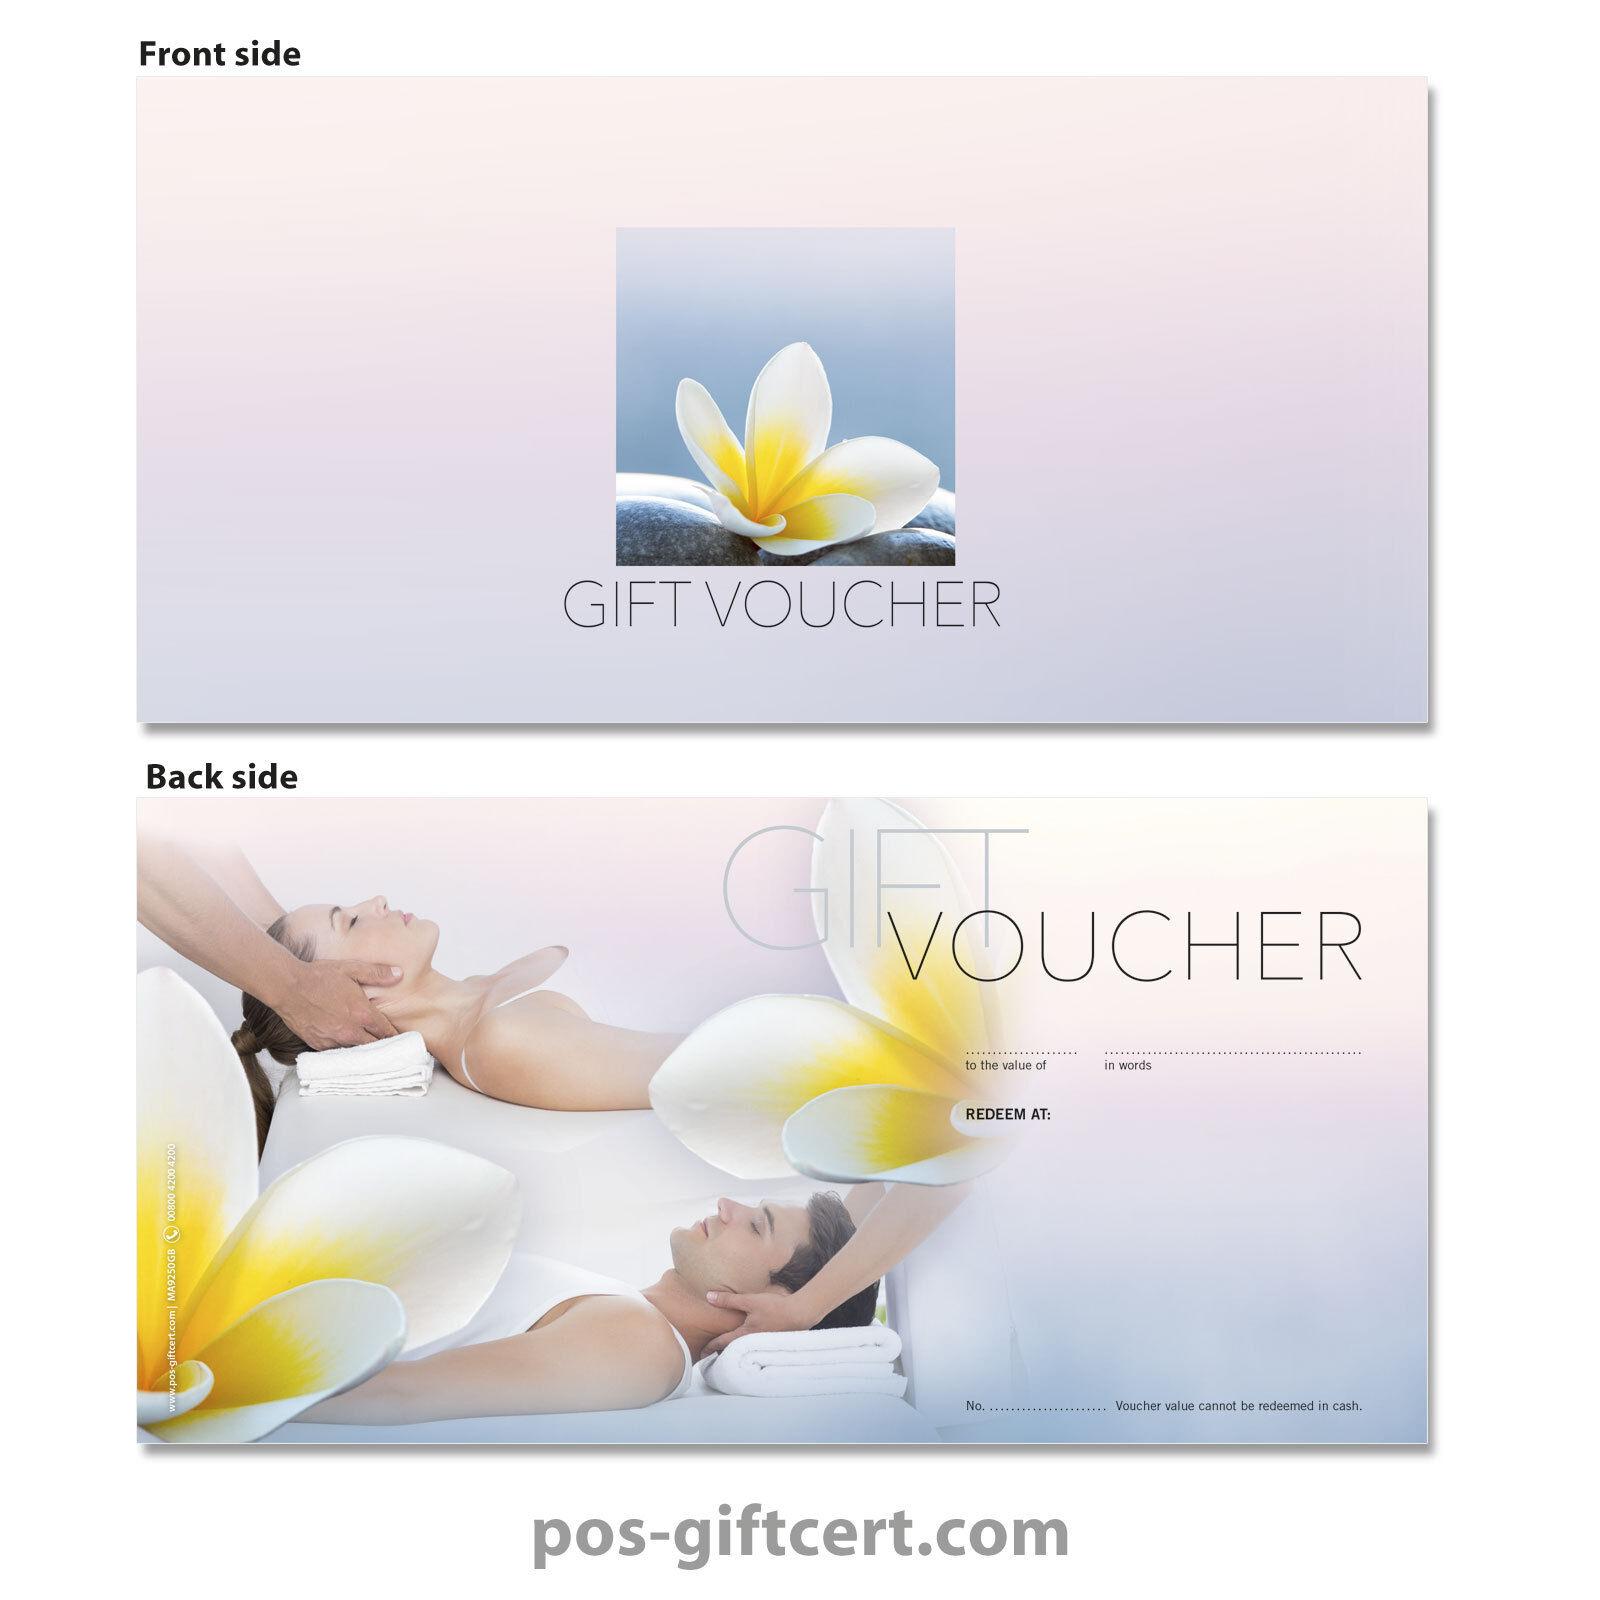 Gift vouchers for physiotherapy, massage, wellness, spa MA9250GB   Bekannt für seine hervorragende Qualität    Lass unsere Waren in die Welt gehen